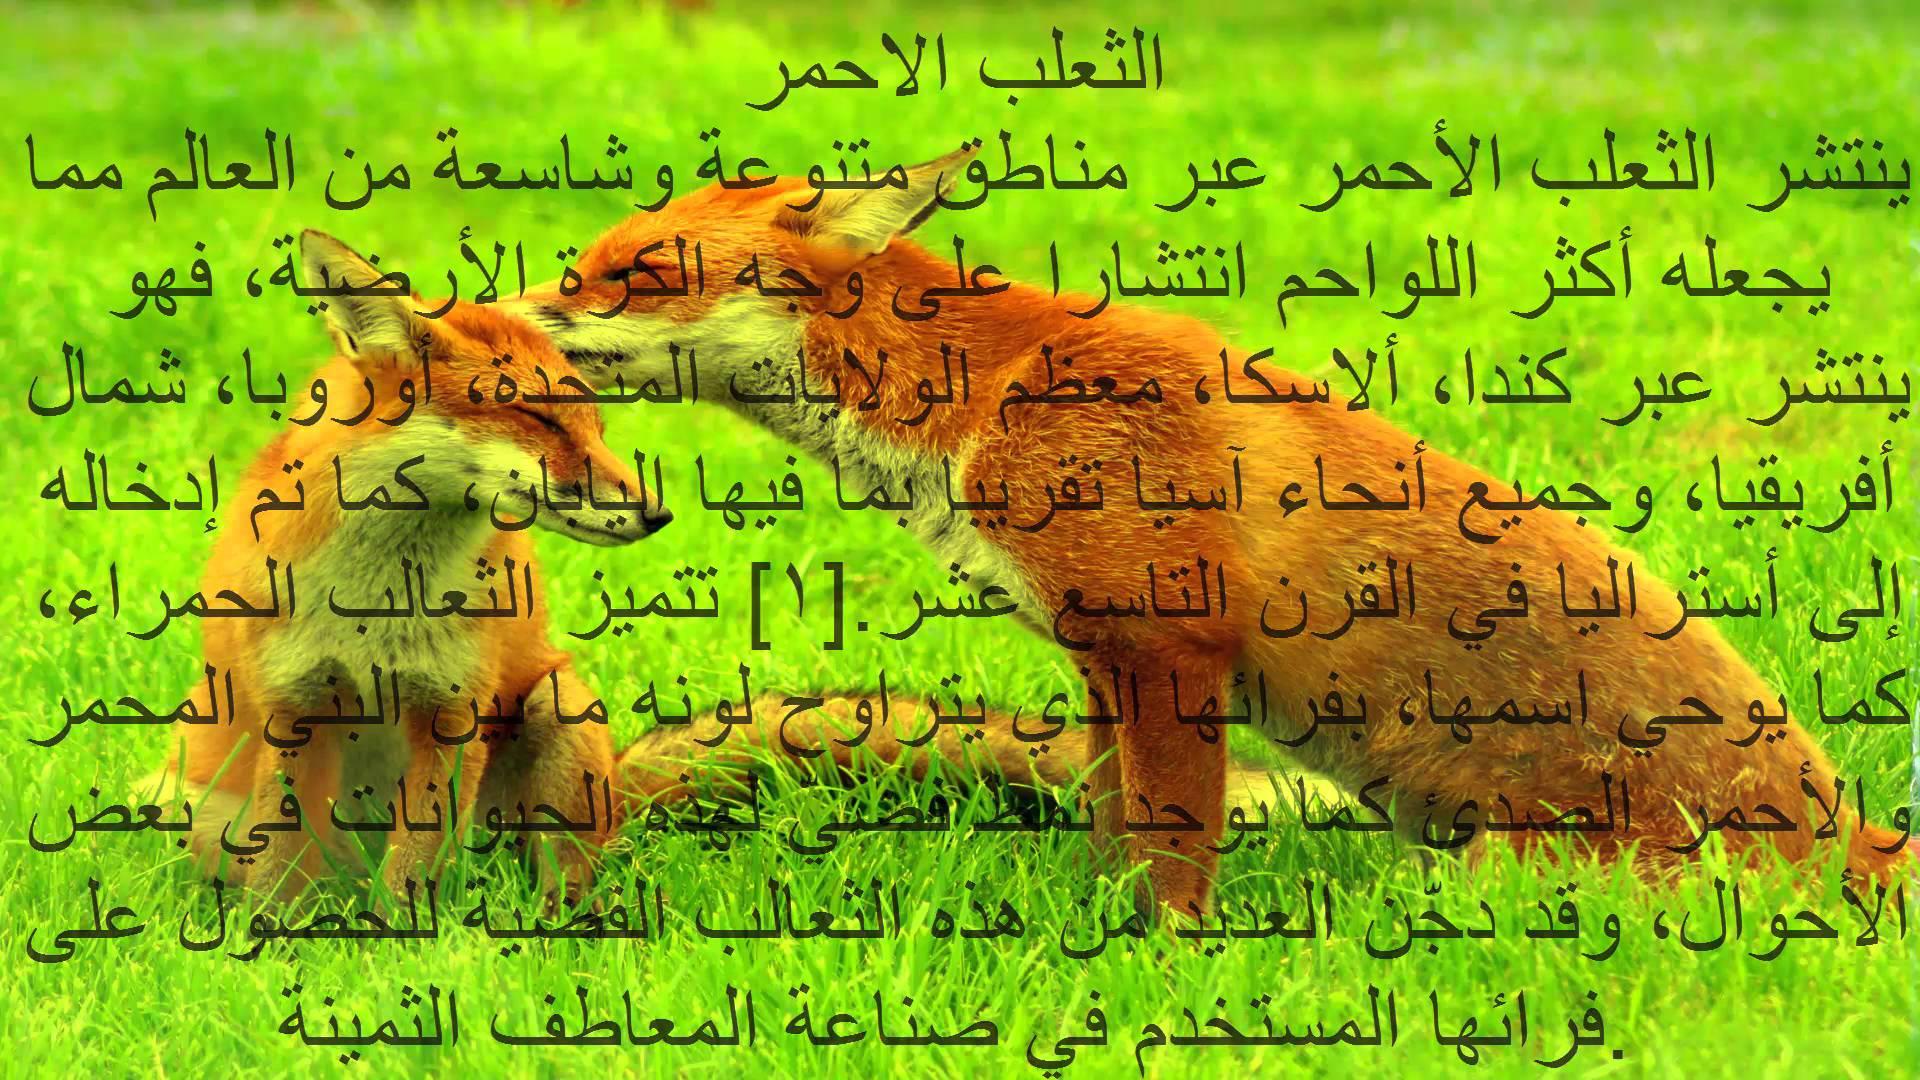 صورة معلومات عن الحيوانات , معرفة كيف تعيش الحيوانات